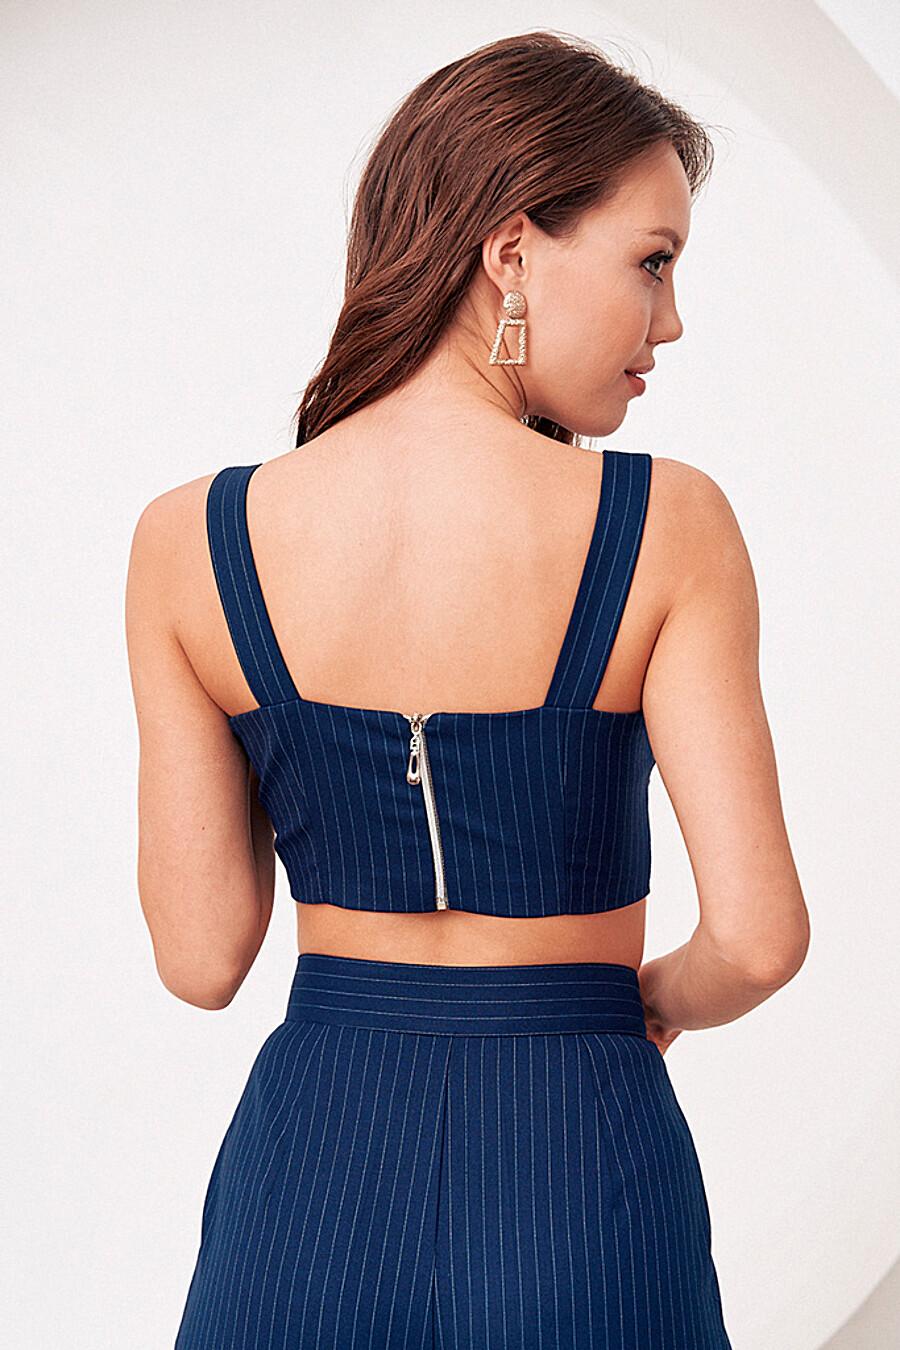 Топ для женщин DELIA 649113 купить оптом от производителя. Совместная покупка женской одежды в OptMoyo